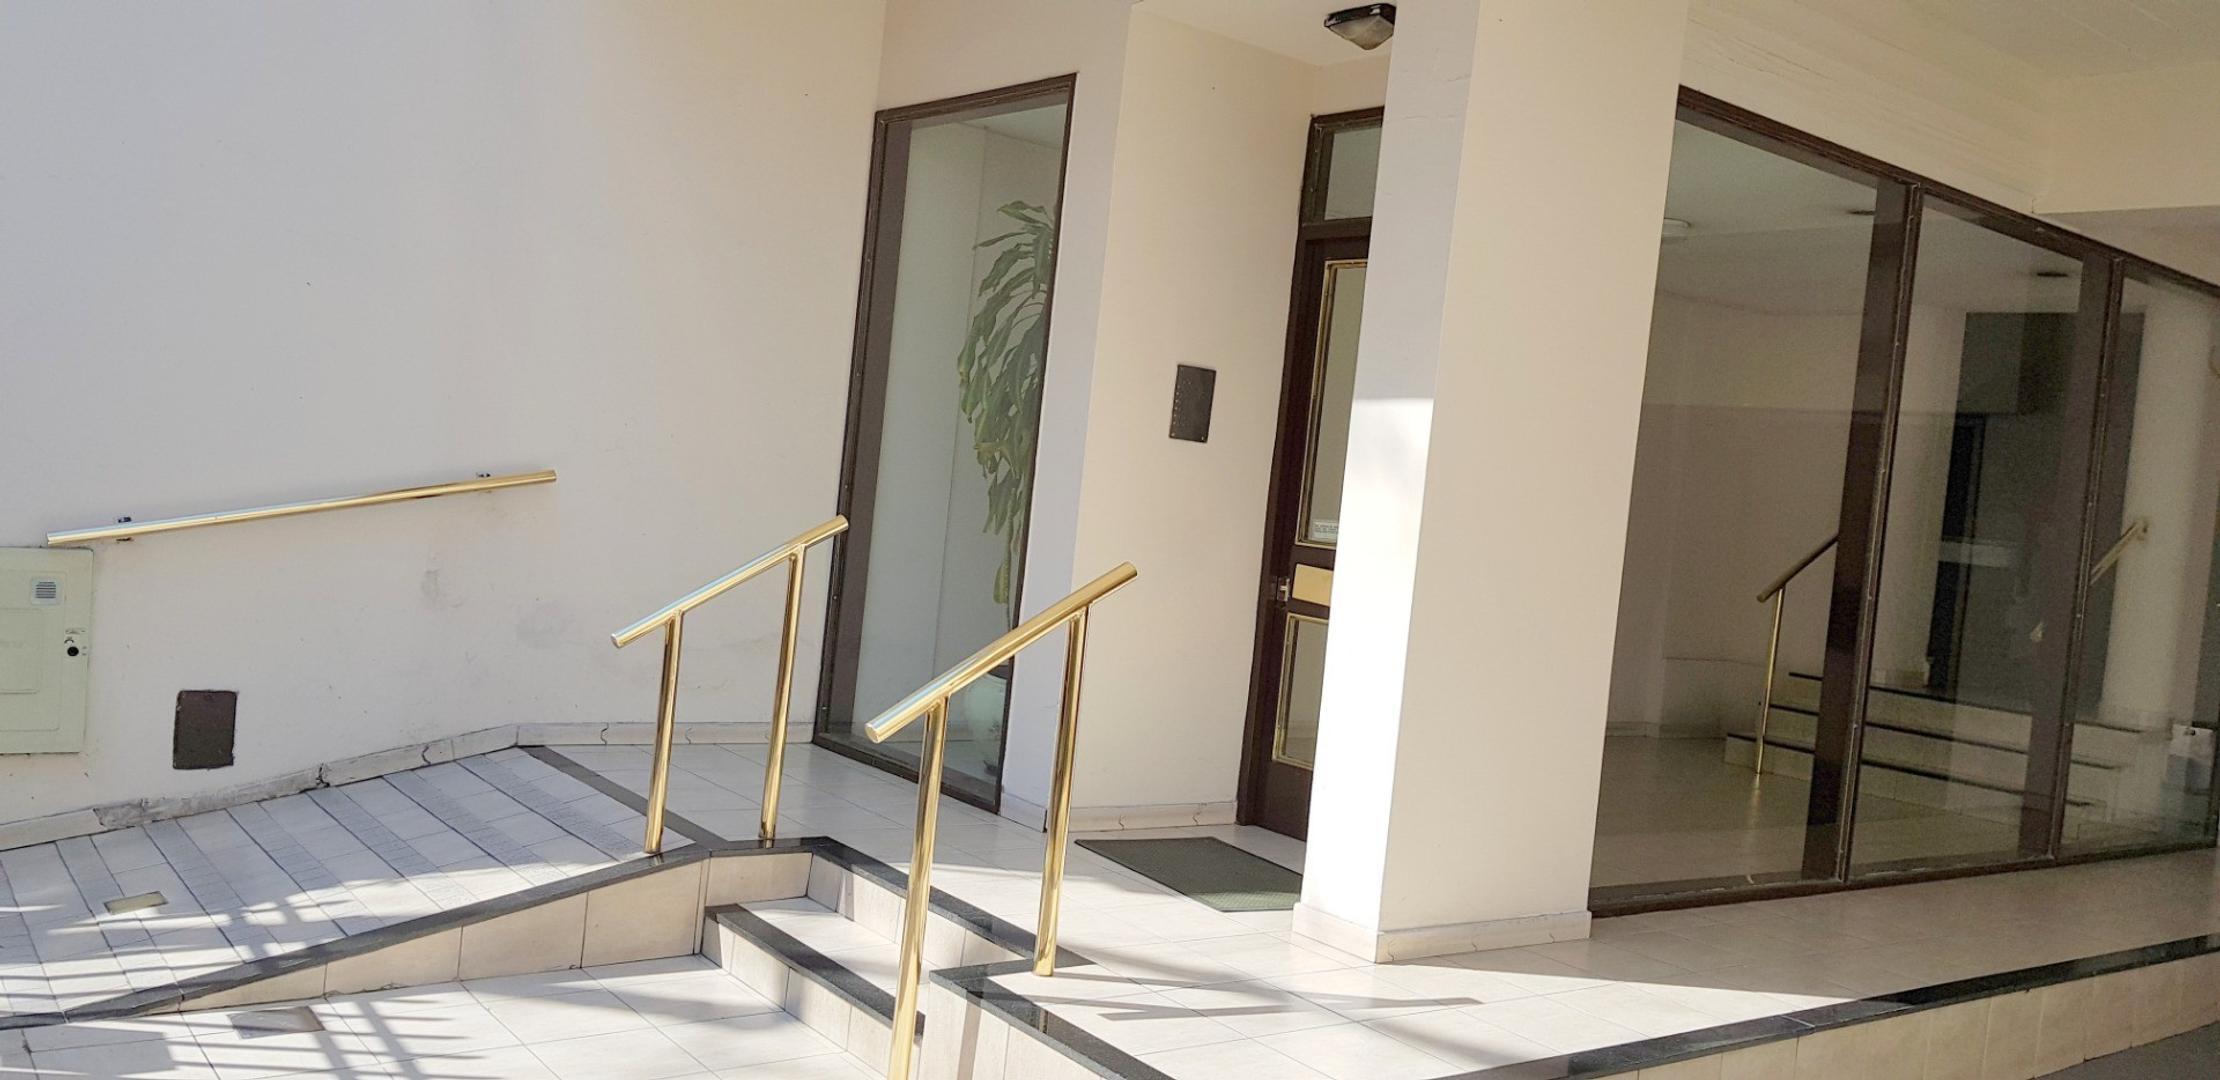 Departamento en Venta - 3 ambientes - USD 250.000